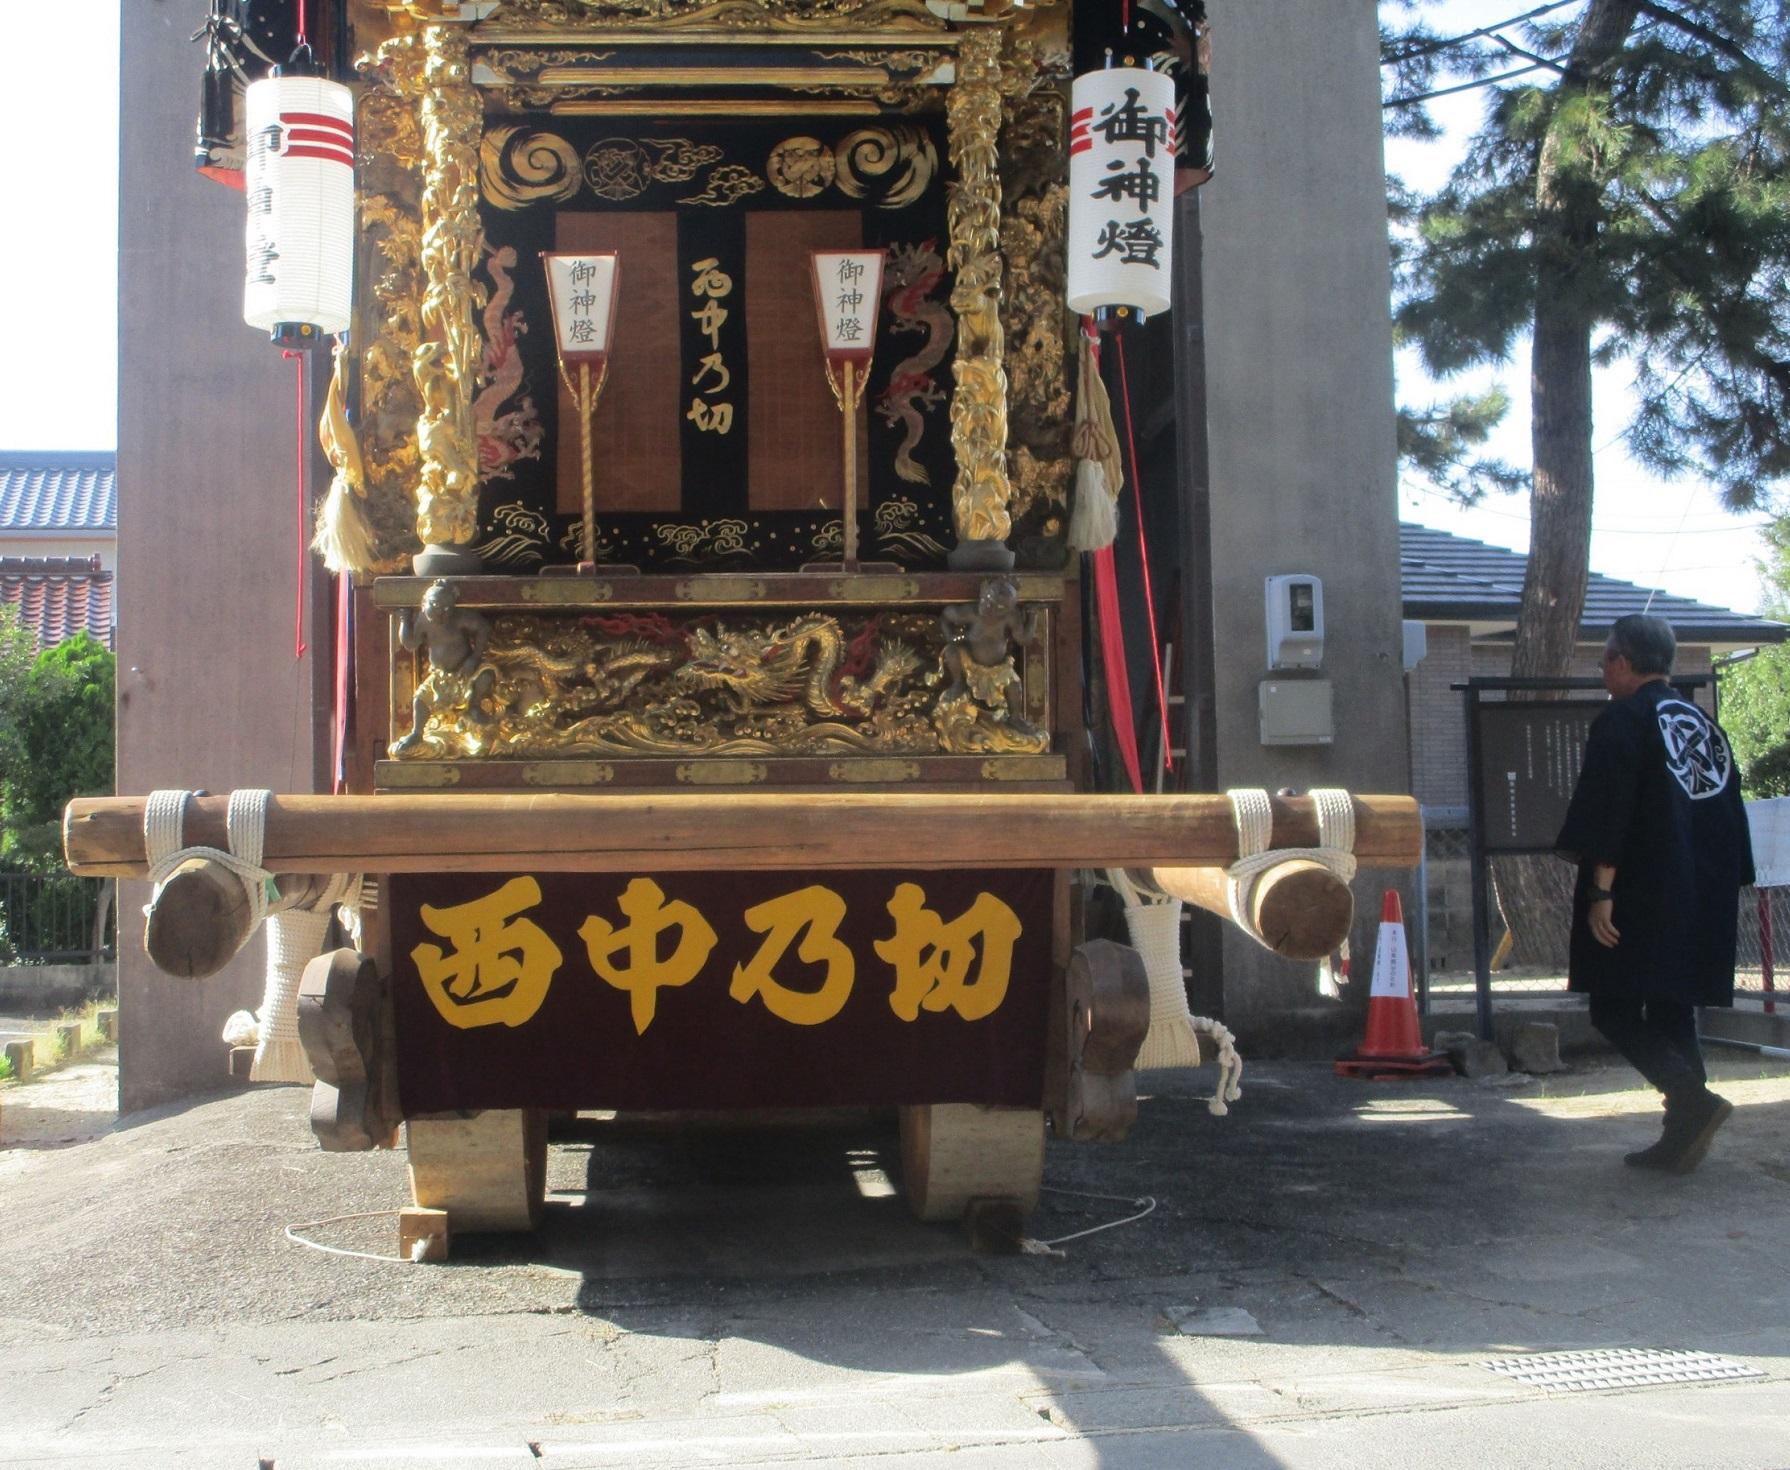 2019.10.5 (12) 矢作三区 - だし(西中乃切) 1790-1470